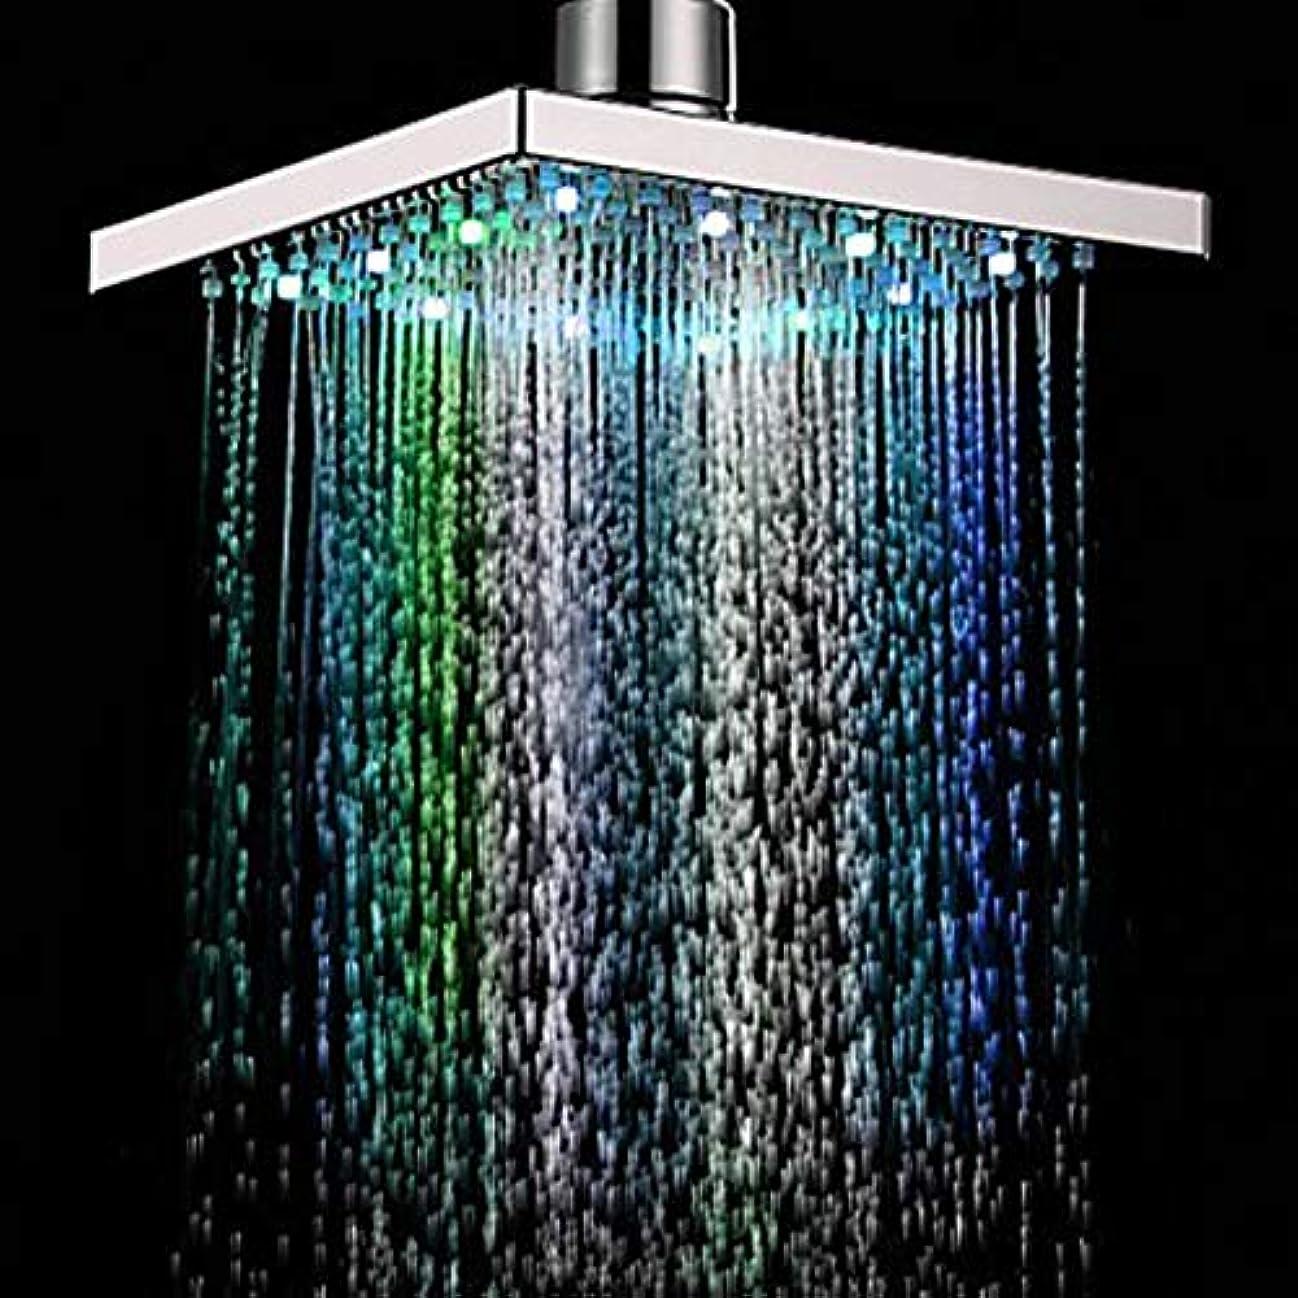 乱れパスタモジュールレインシャワーヘッド、LEDシャワーヘッドの色温度制御された降雨トップスプレーシャワーヘッド浴室シャワー加圧水保存